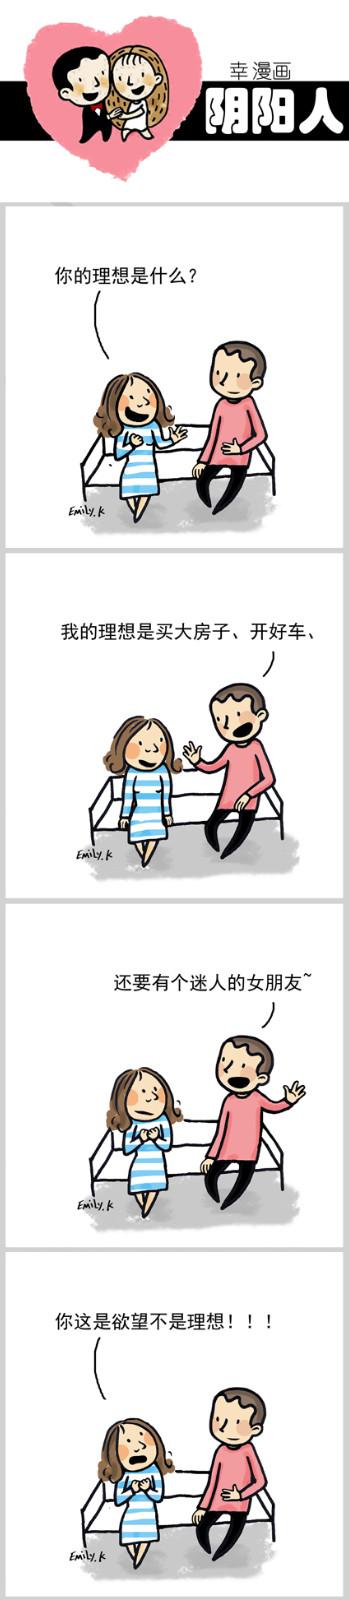 【邝幸漫畫】《阴阳人》欲望&理想_图1-1